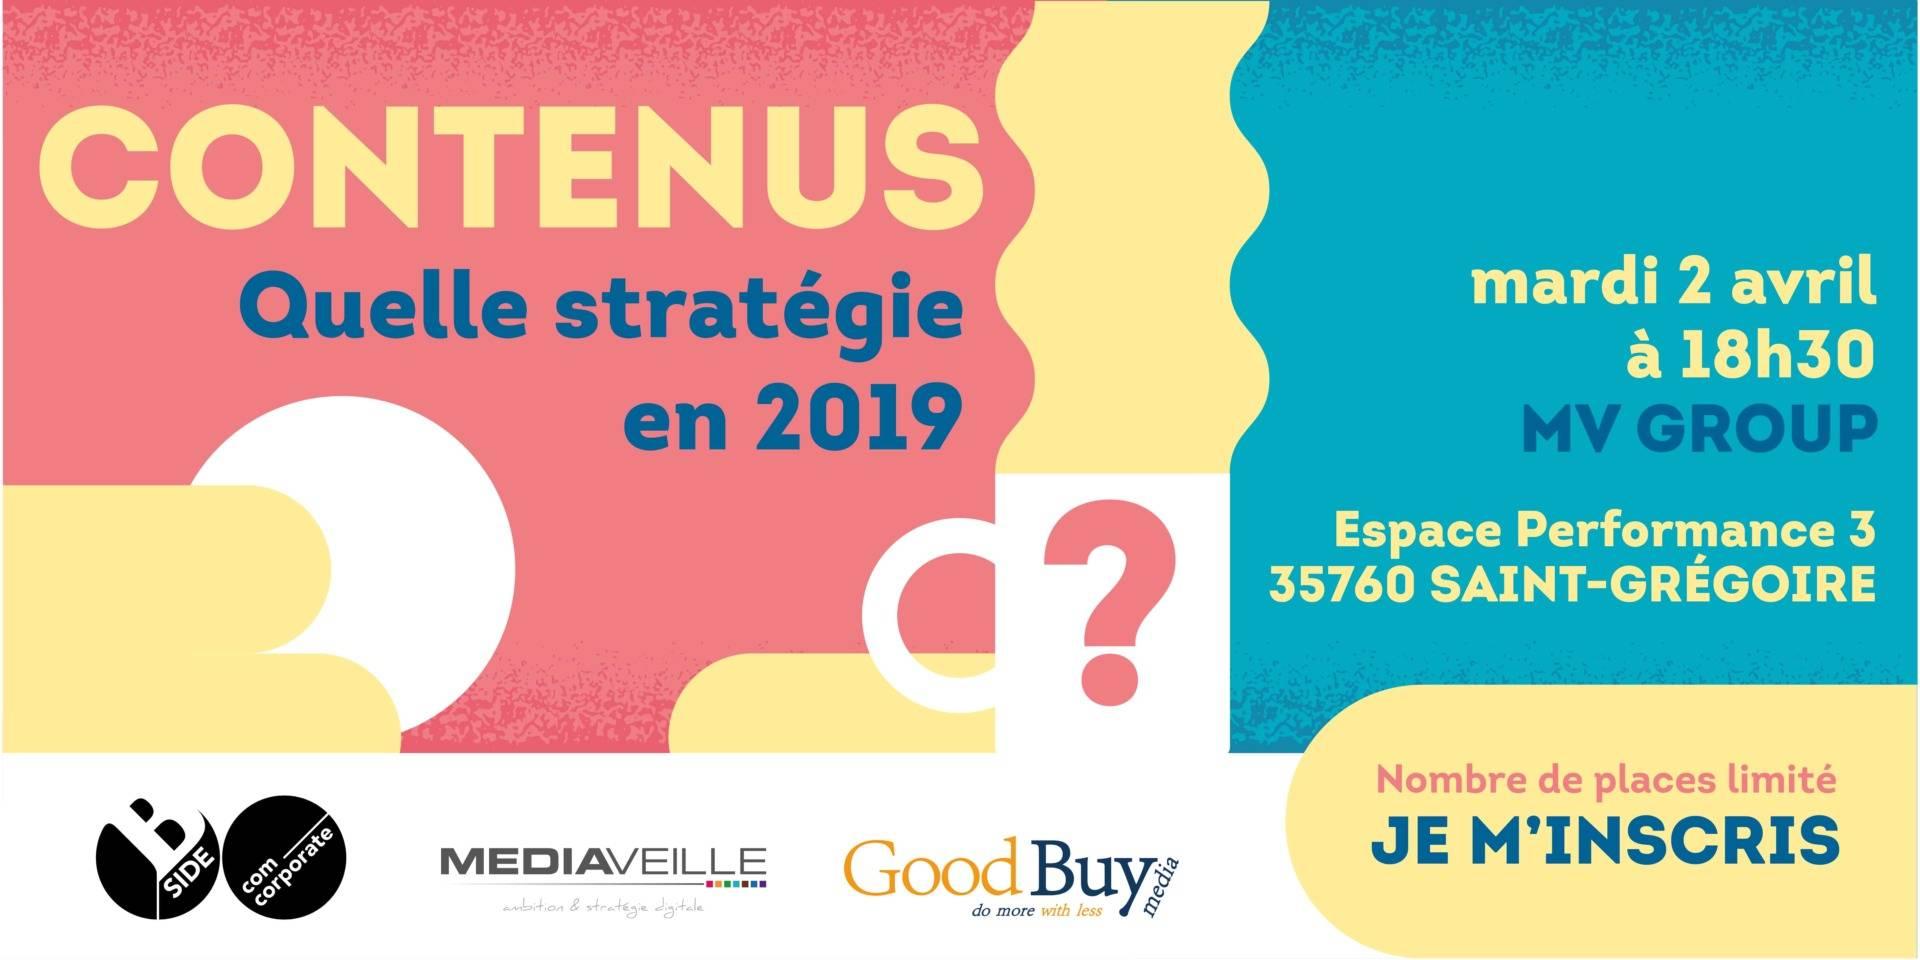 conférence contenus quelle stratégie en 2019